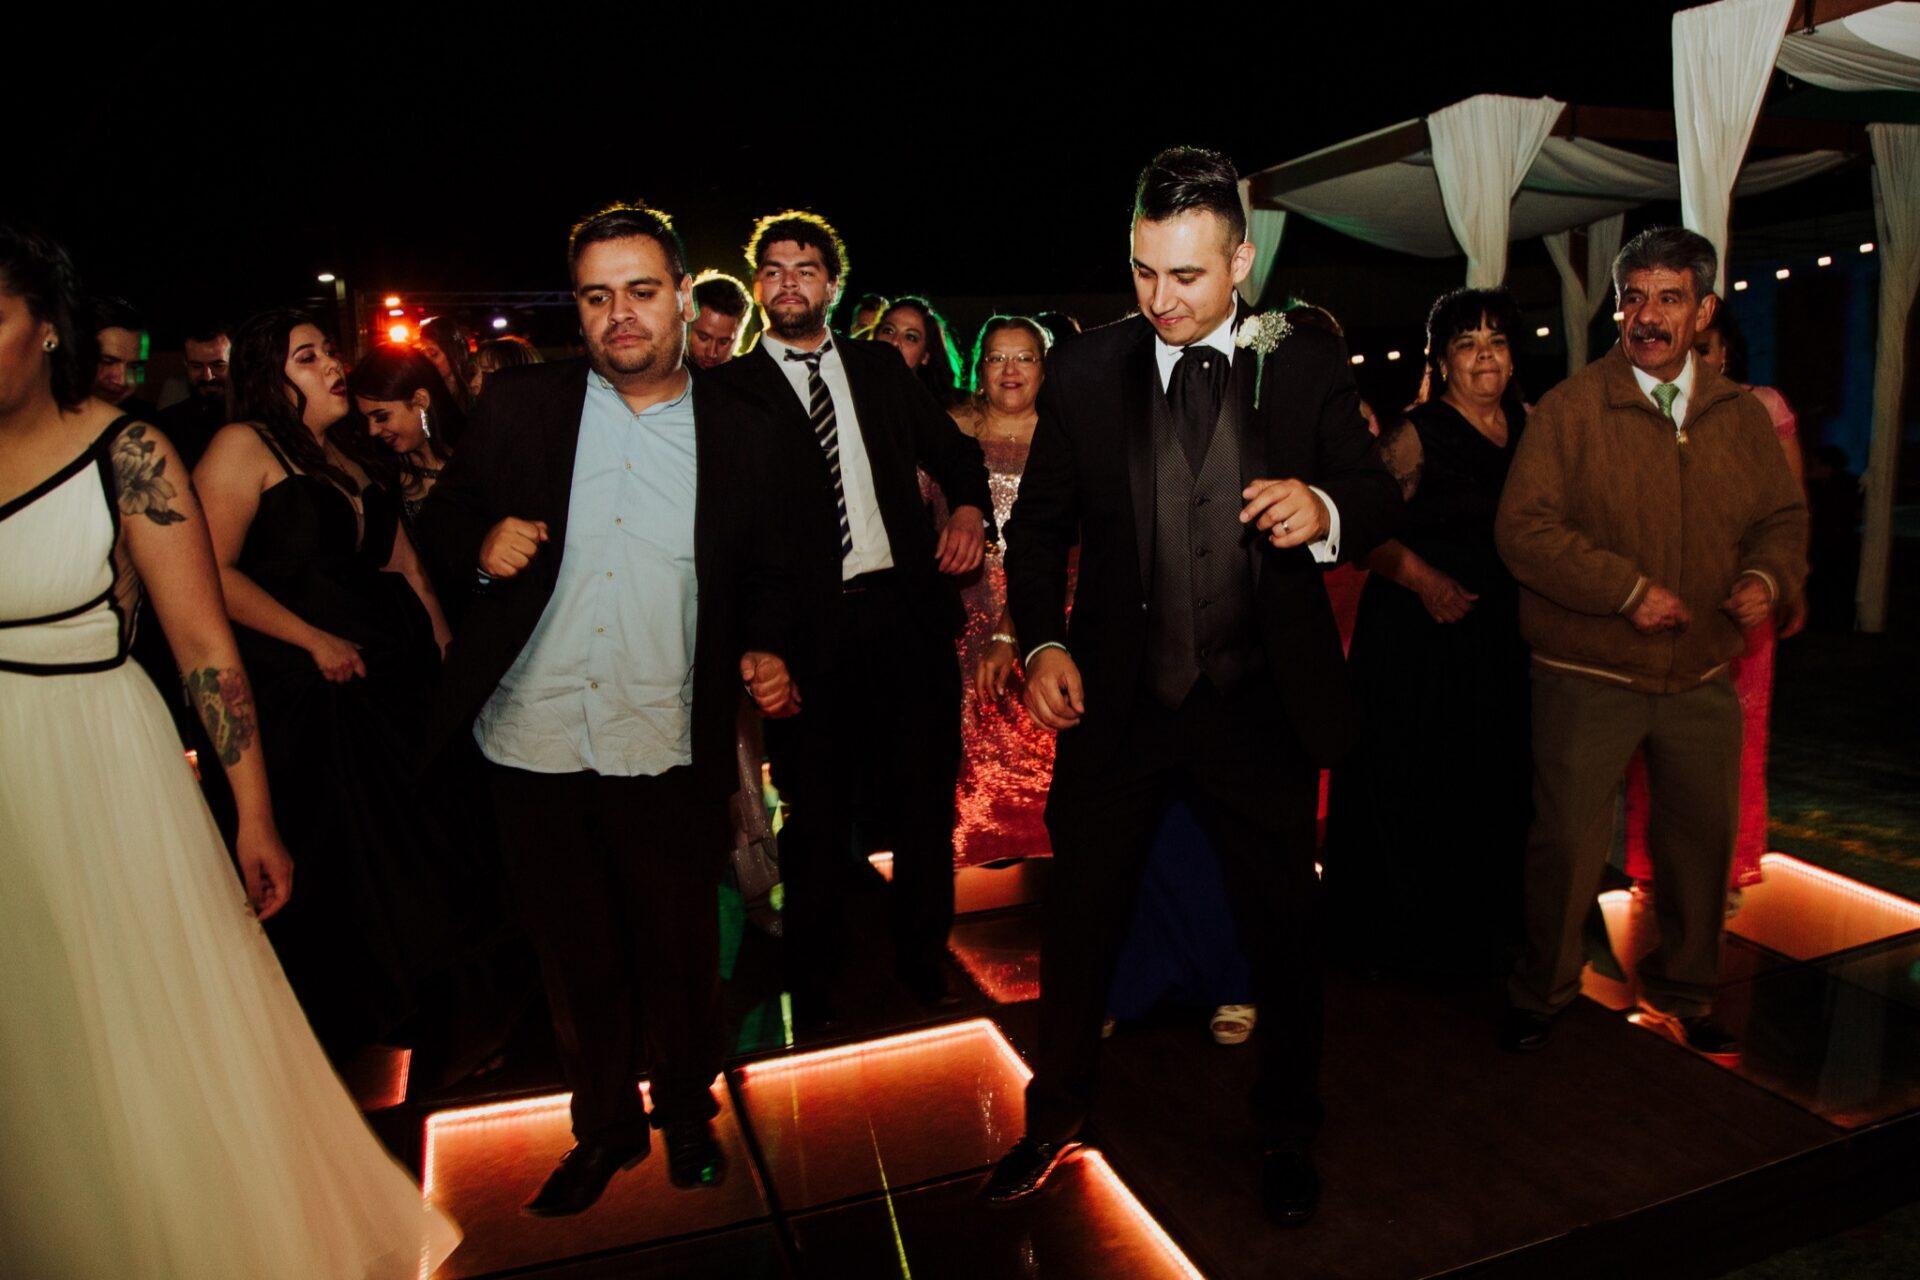 javier_noriega_fotografo_bodas_alicia_garden_zacatecas_wedding_photographer28